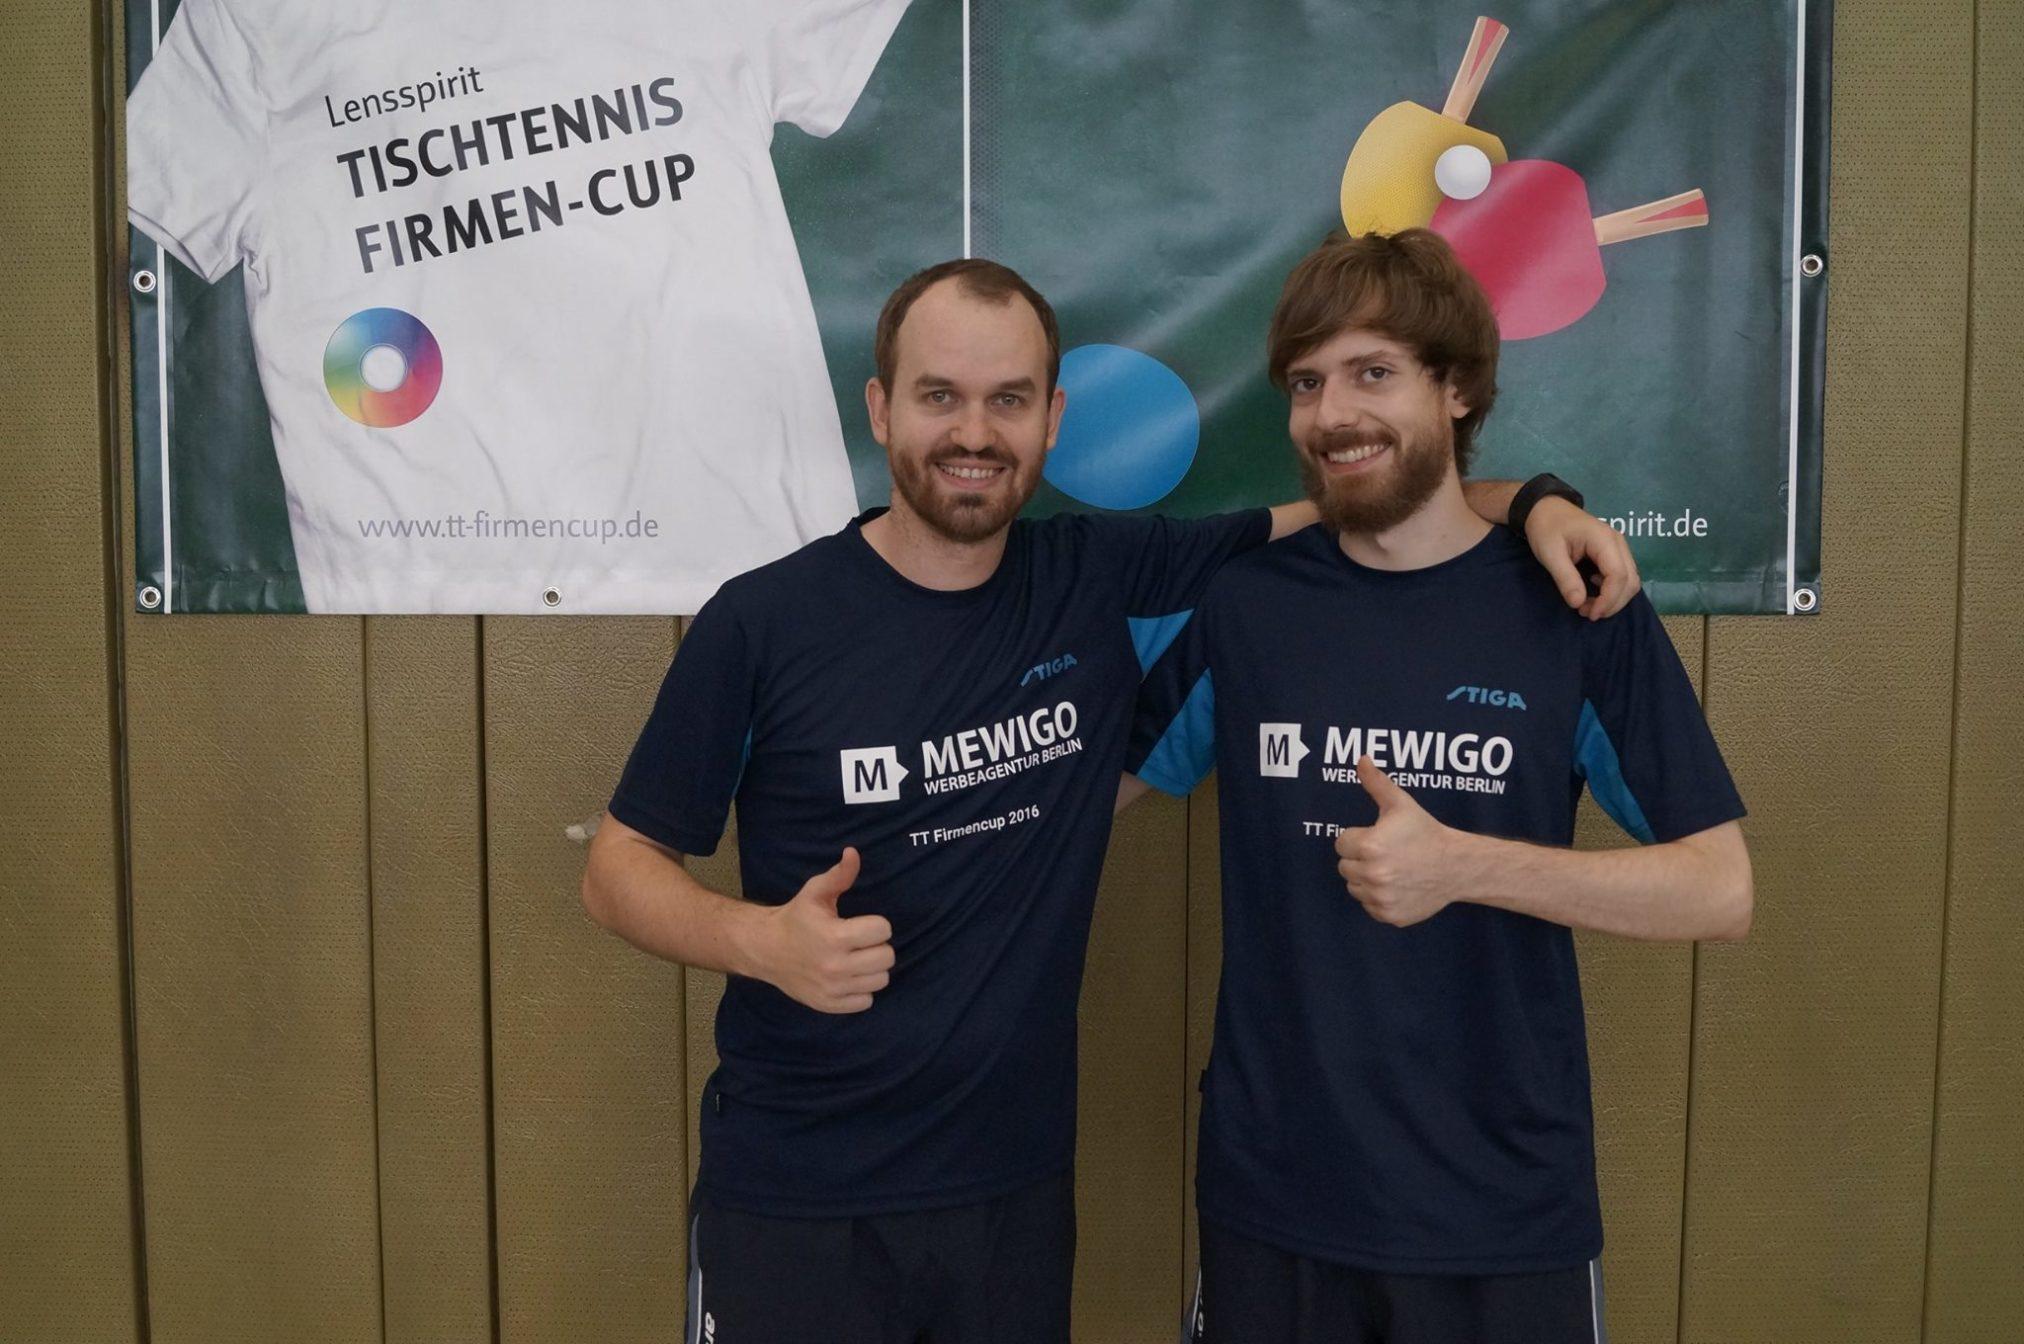 MEWIGO auf dem 5. Lensspirit Tischtennis Firmen-Cup 2016